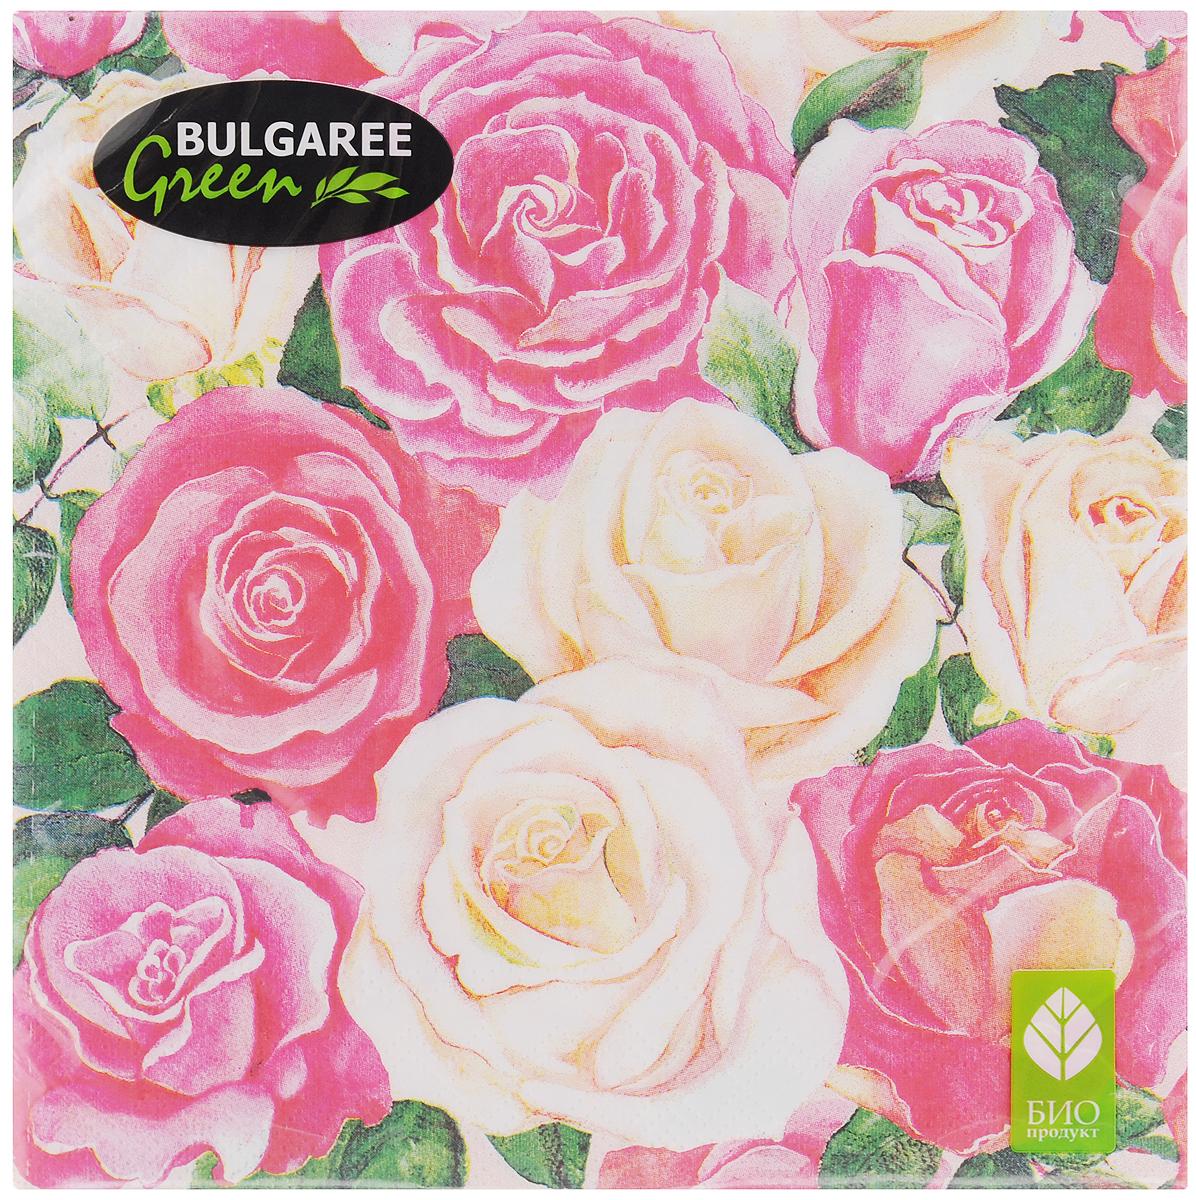 Салфетки бумажные Bulgaree Green Розовый букет, трехслойные, 33 х 33 см, 20 шт1002634Трехслойные салфетки Bulgaree Green Розовый букет выполнены из 100% целлюлозы и оформлены красивым рисунком. Изделия станут отличным дополнением любого праздничного стола. Они отличаются необычной мягкостью, прочностью и оригинальностью. Размер салфеток в развернутом виде: 33 х 33 см.